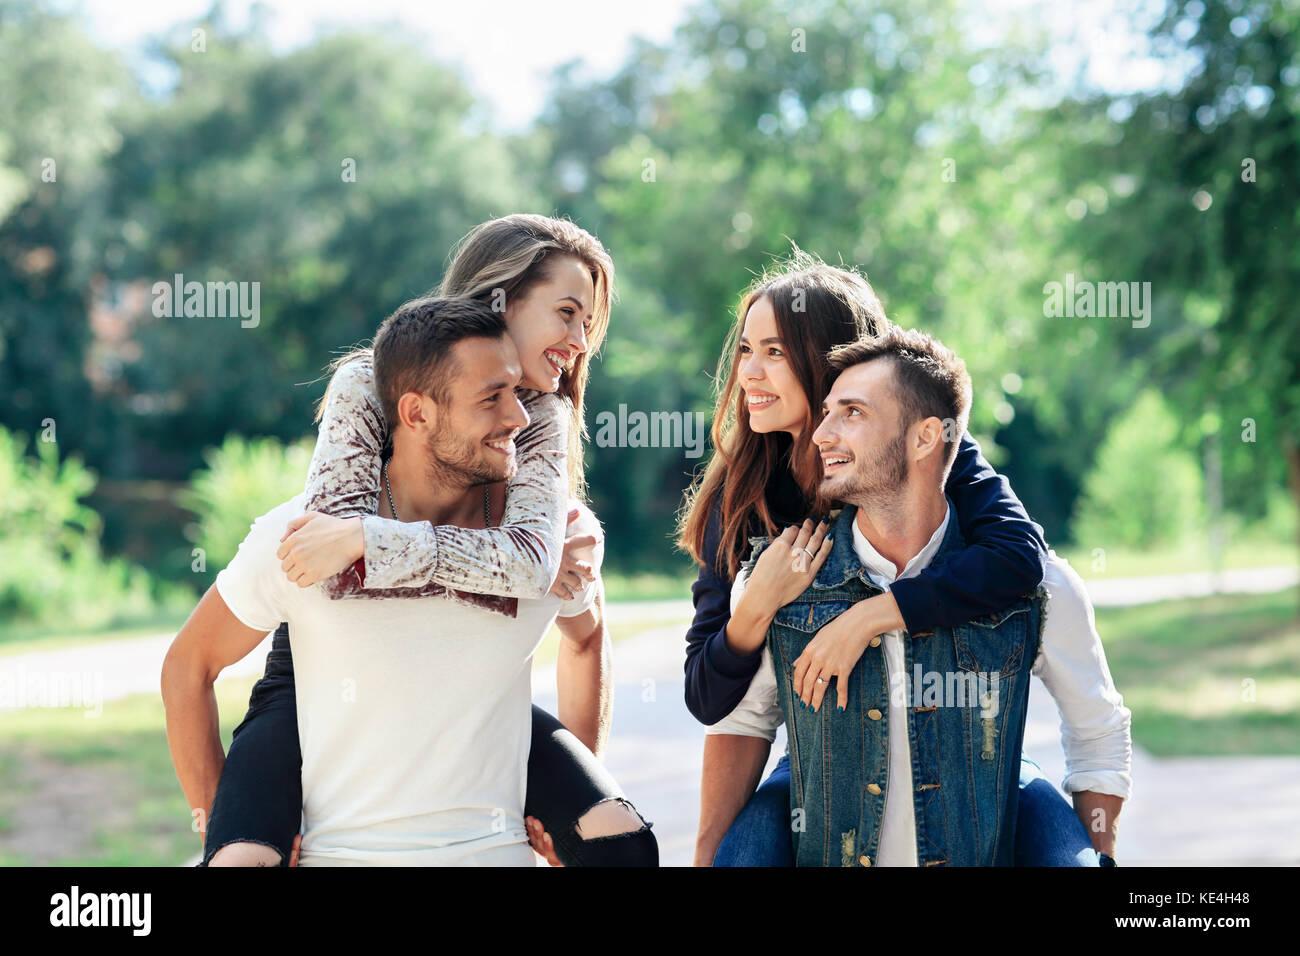 Deux couples aimant profiter s'amuser en plein air. les filles assis sur le dos de gars souriant. Les jeunes Photo Stock